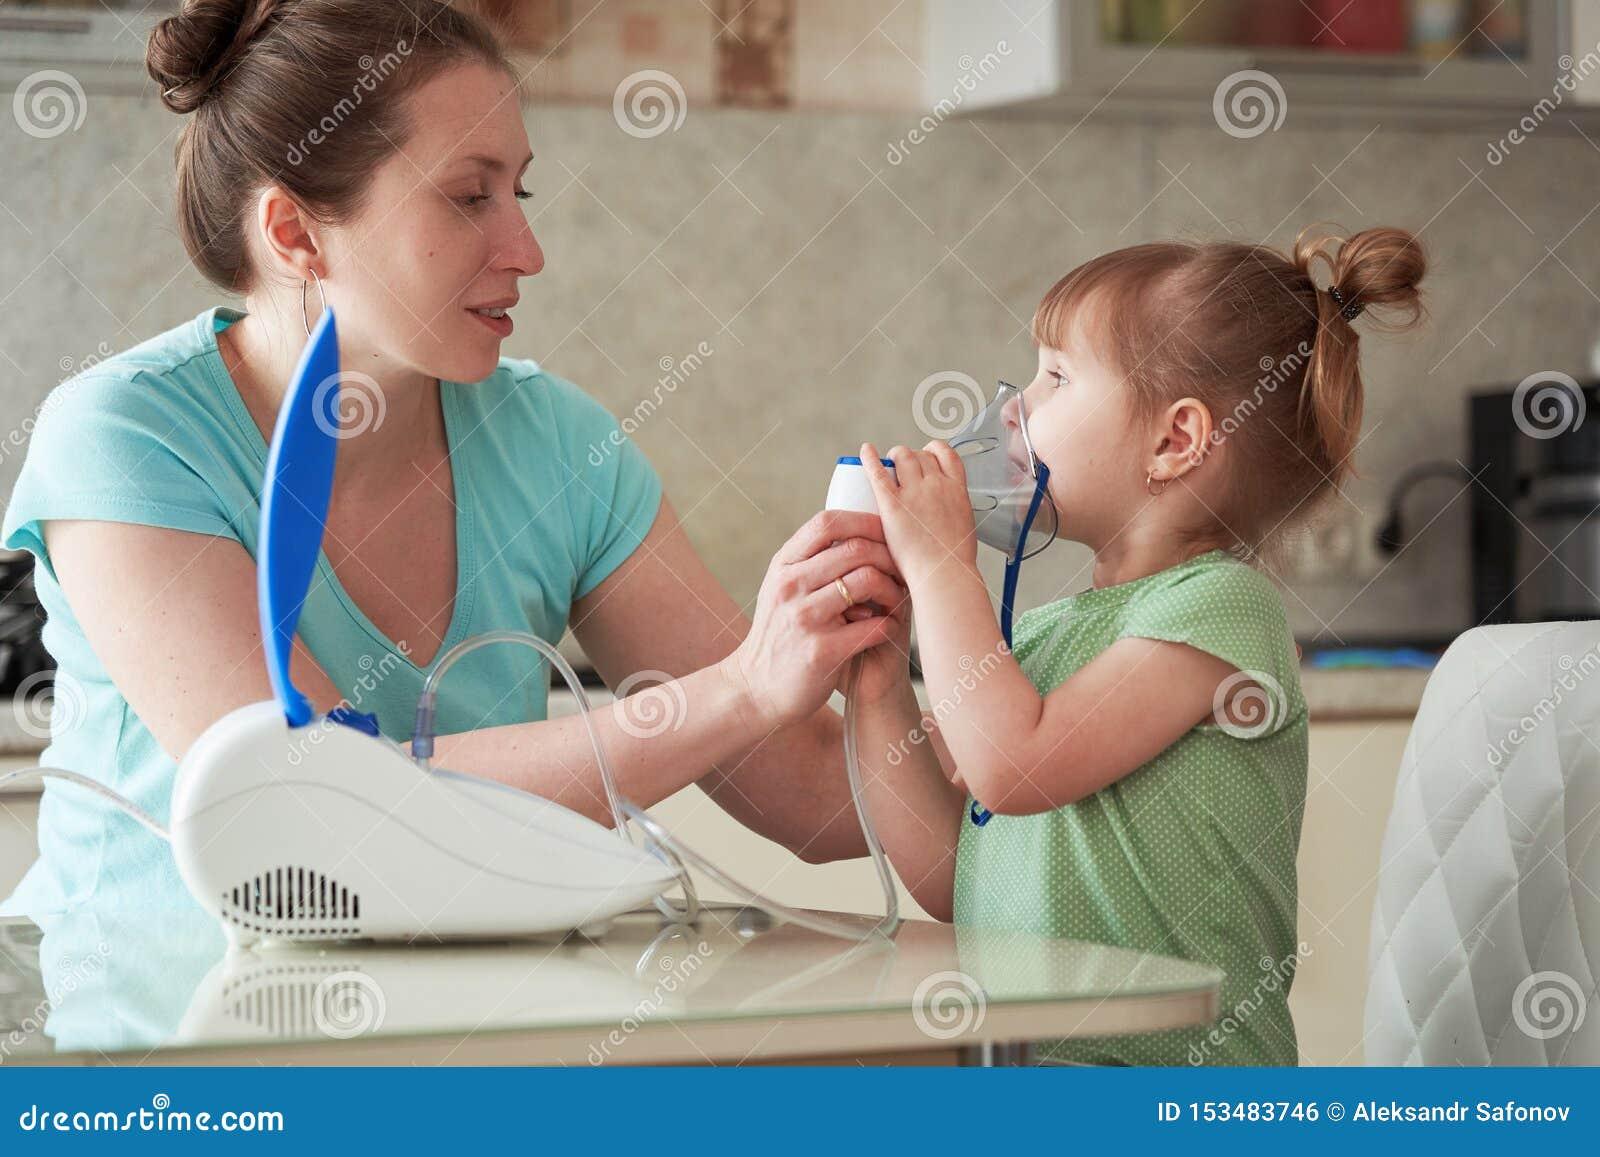 Een vrouw maakt tot inhalatie thuis aan een kind brengt het verstuiversmasker aan zijn gezicht inhaleert de damp van het medicijn